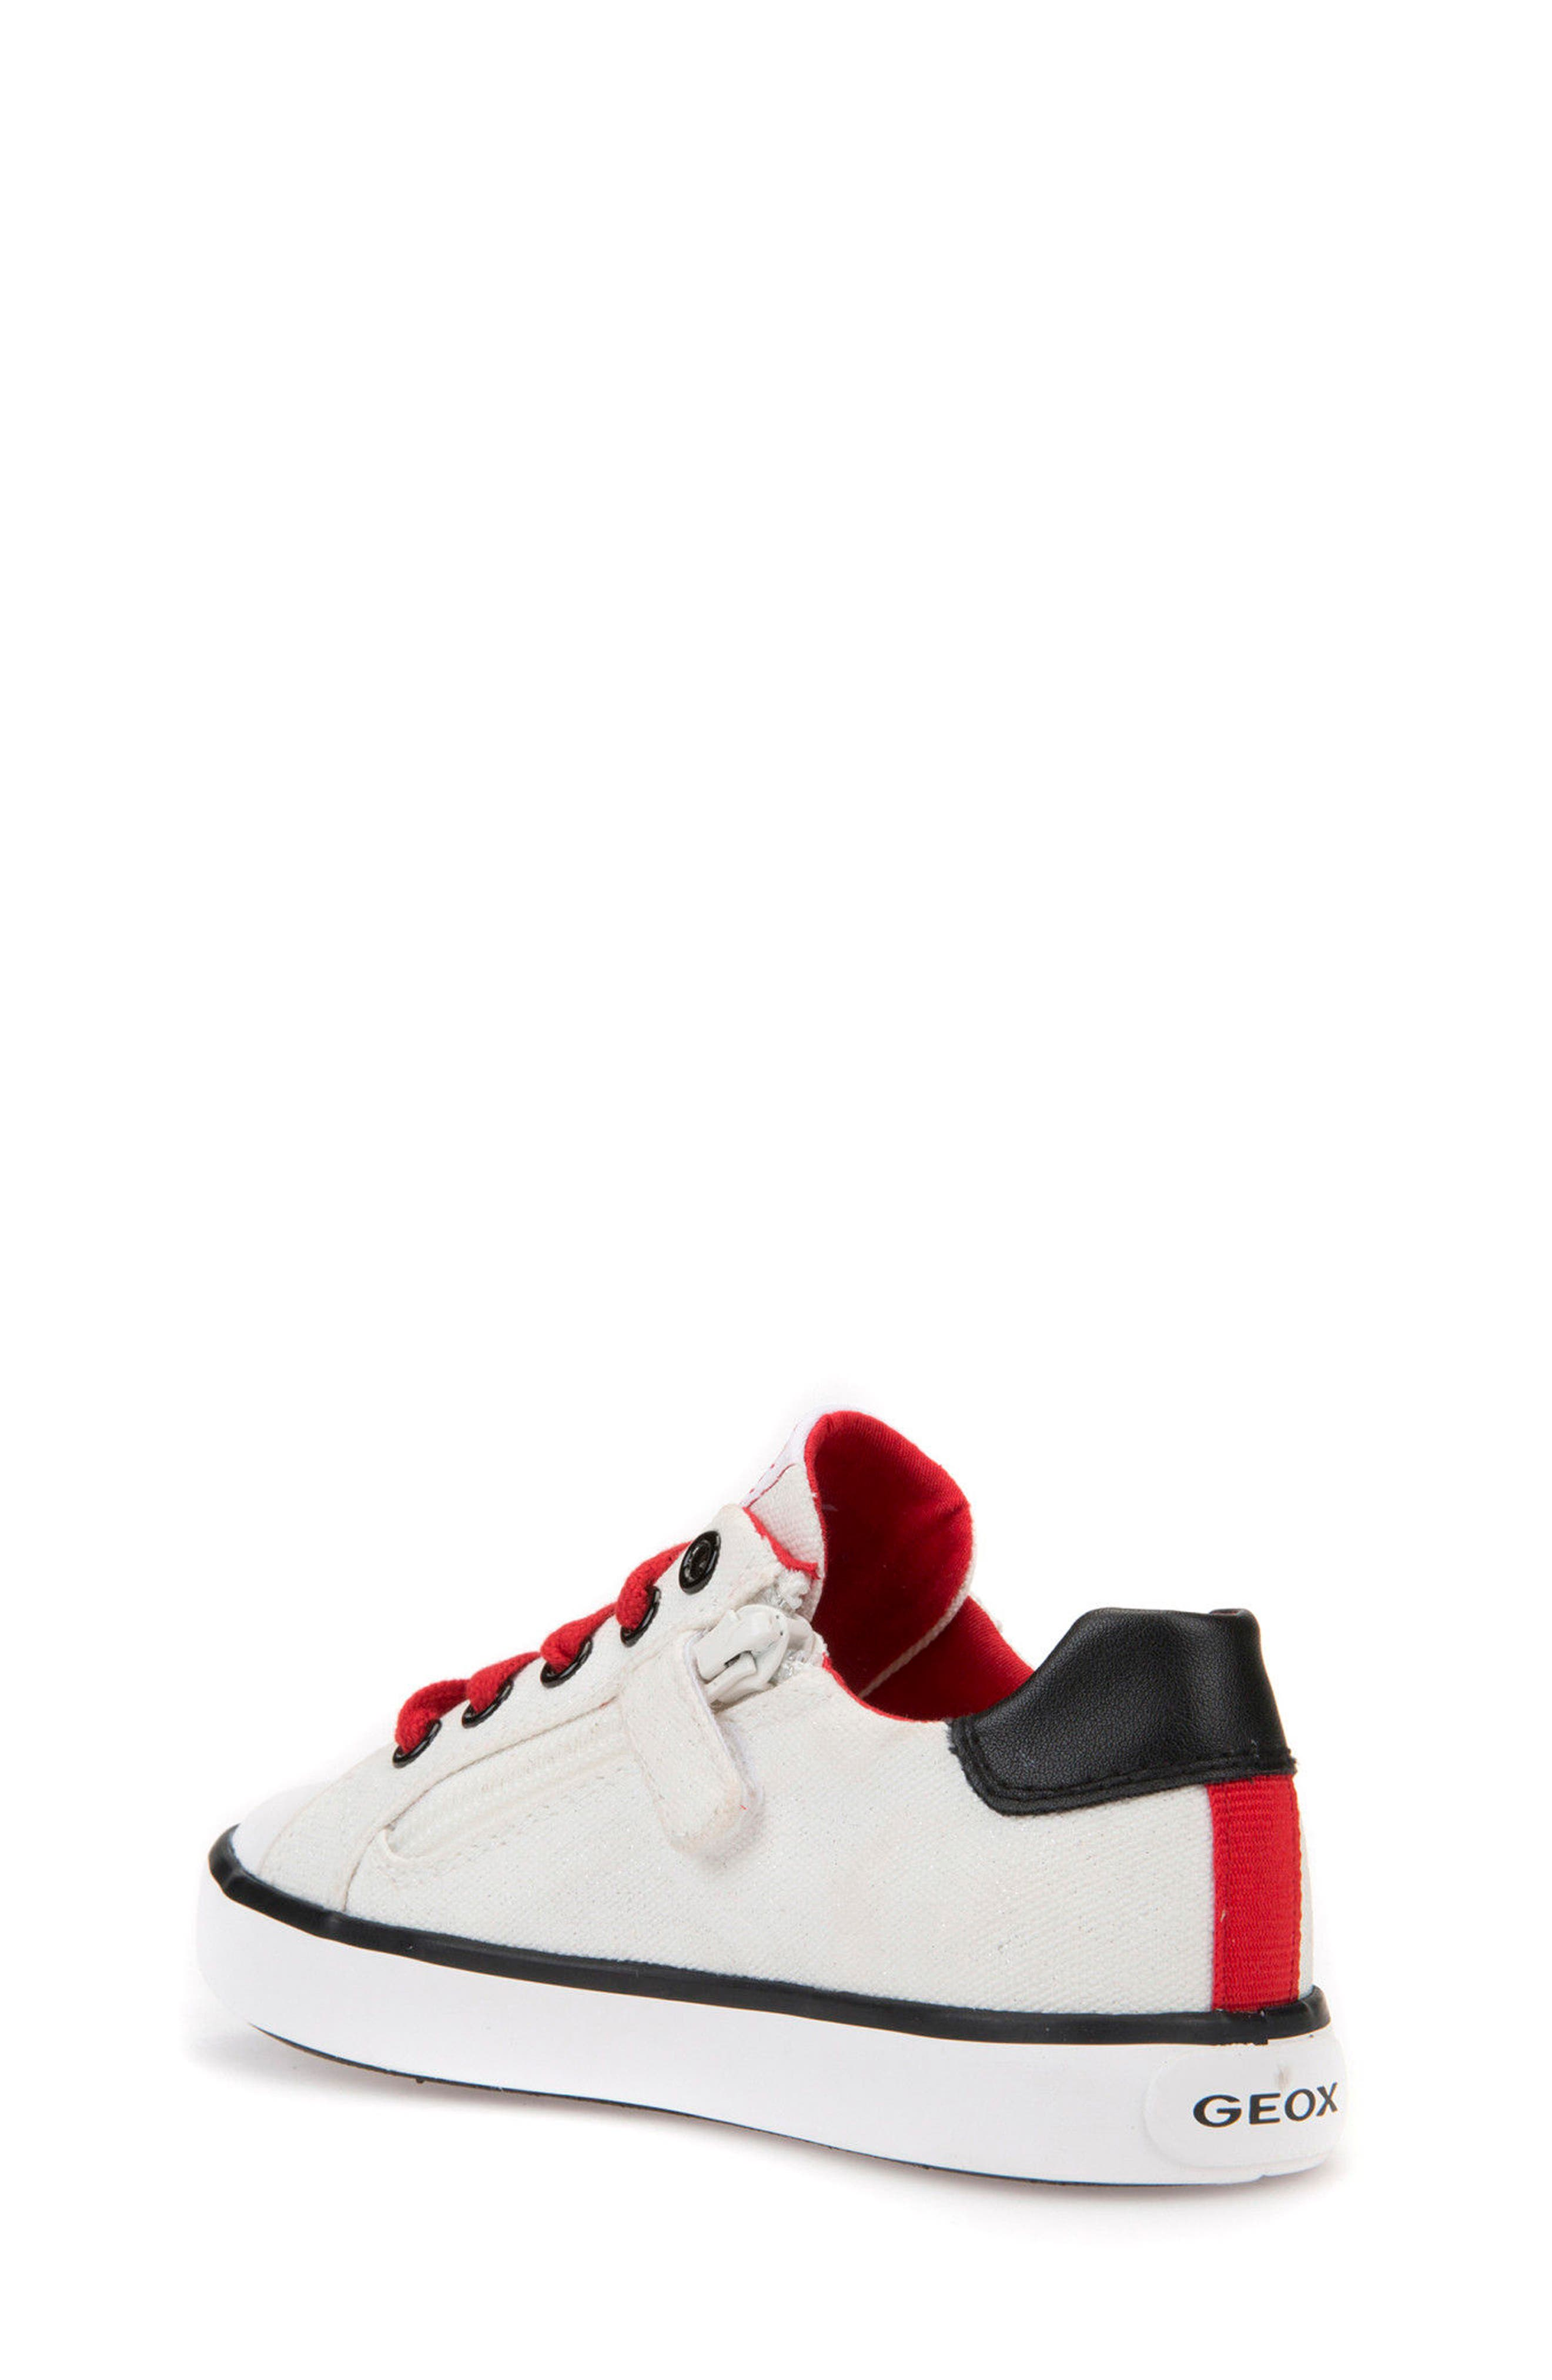 Ciak Low Top Sneaker,                             Alternate thumbnail 4, color,                             116